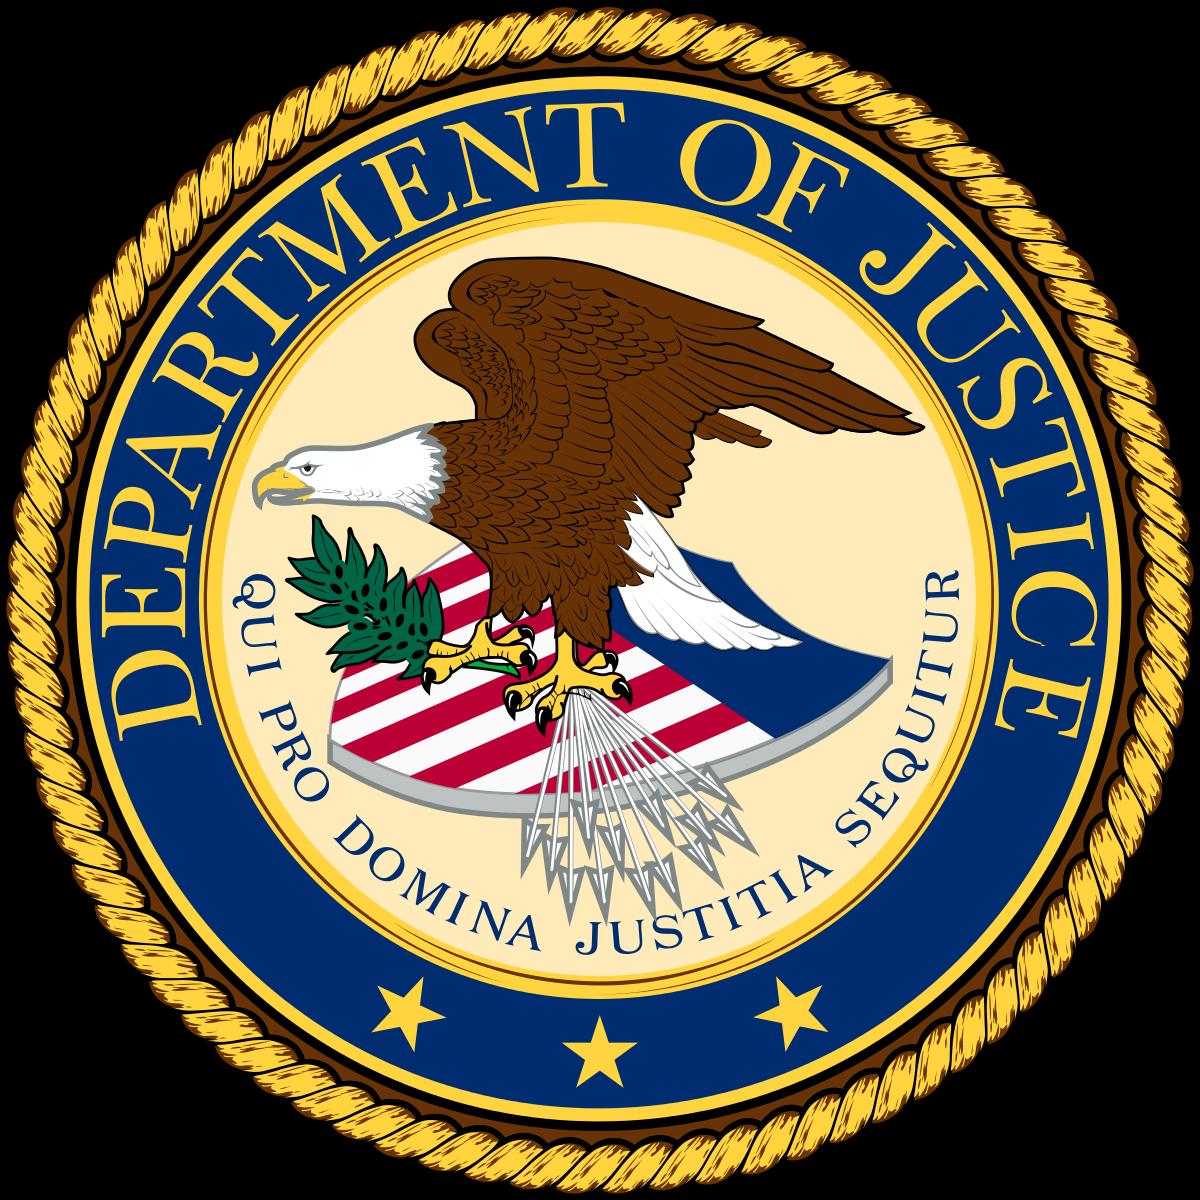 DOJ logo